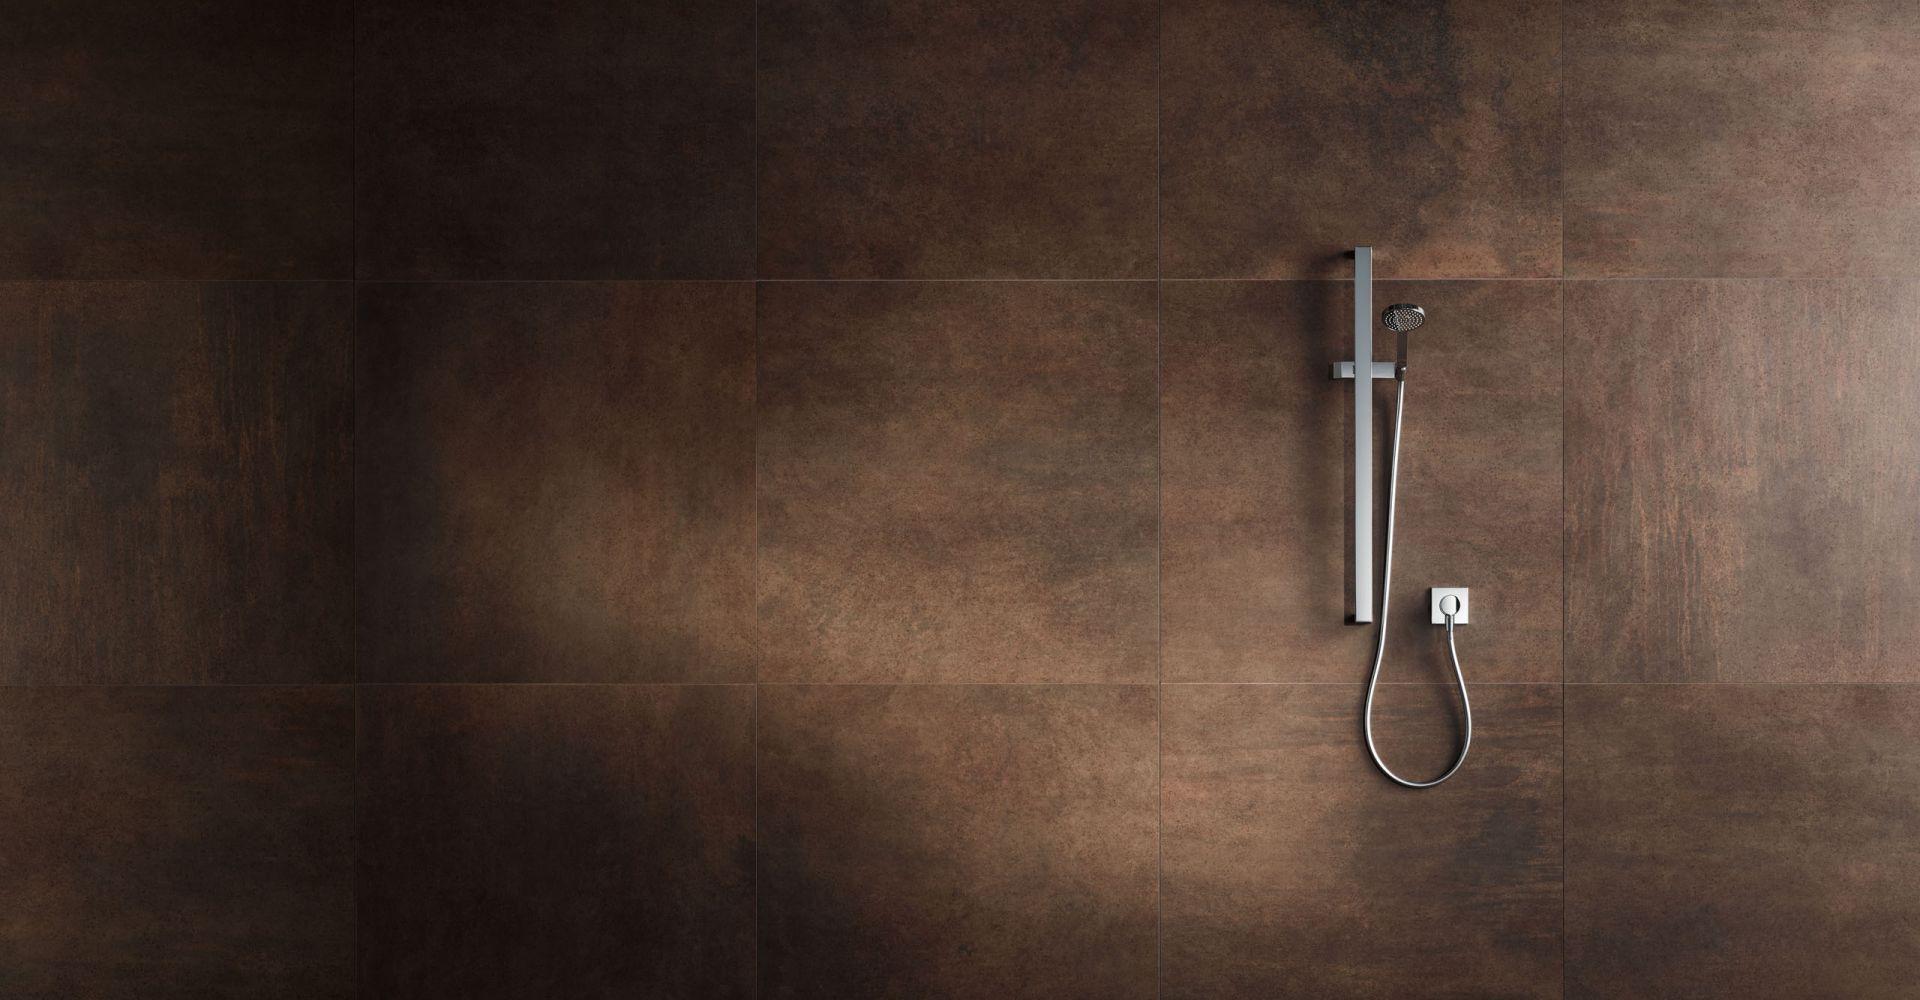 Full Size of Dusche Unterputz Thermostat Defekt Set Grohe Hansa Hans Montage Hansgrohe Oder Aufputz Mischbatterie Schwarz Armatur Einbauen Reparieren Thermostatarmatur Dusche Dusche Unterputz